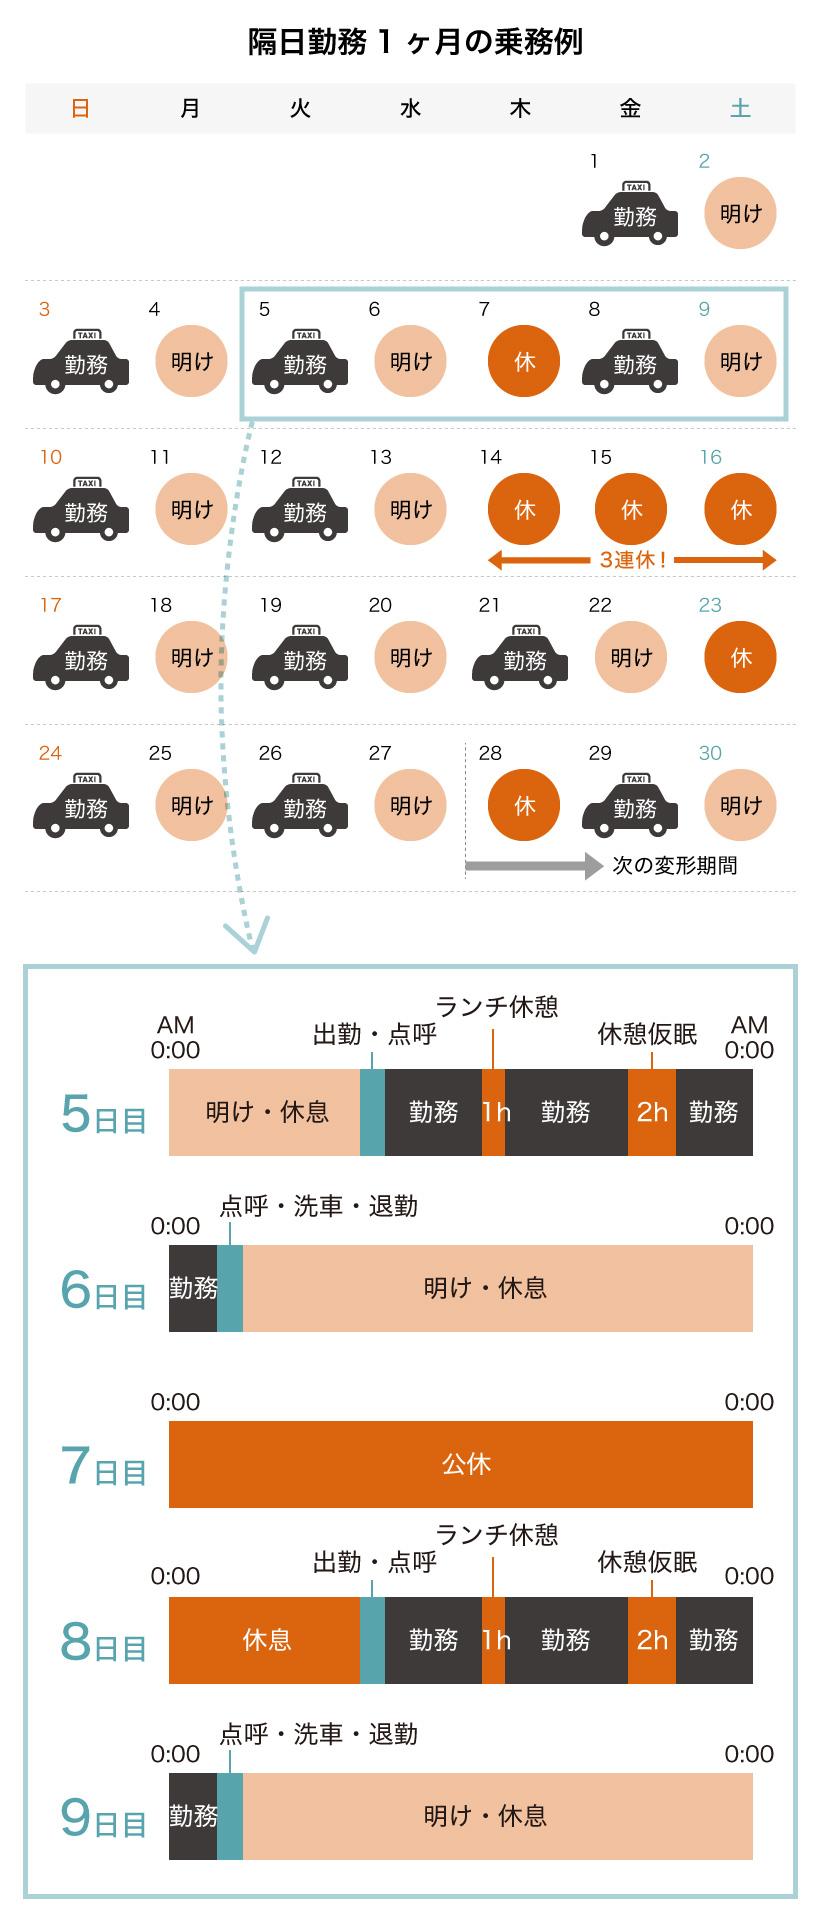 タクシー運転手の1ヶ月の乗務例